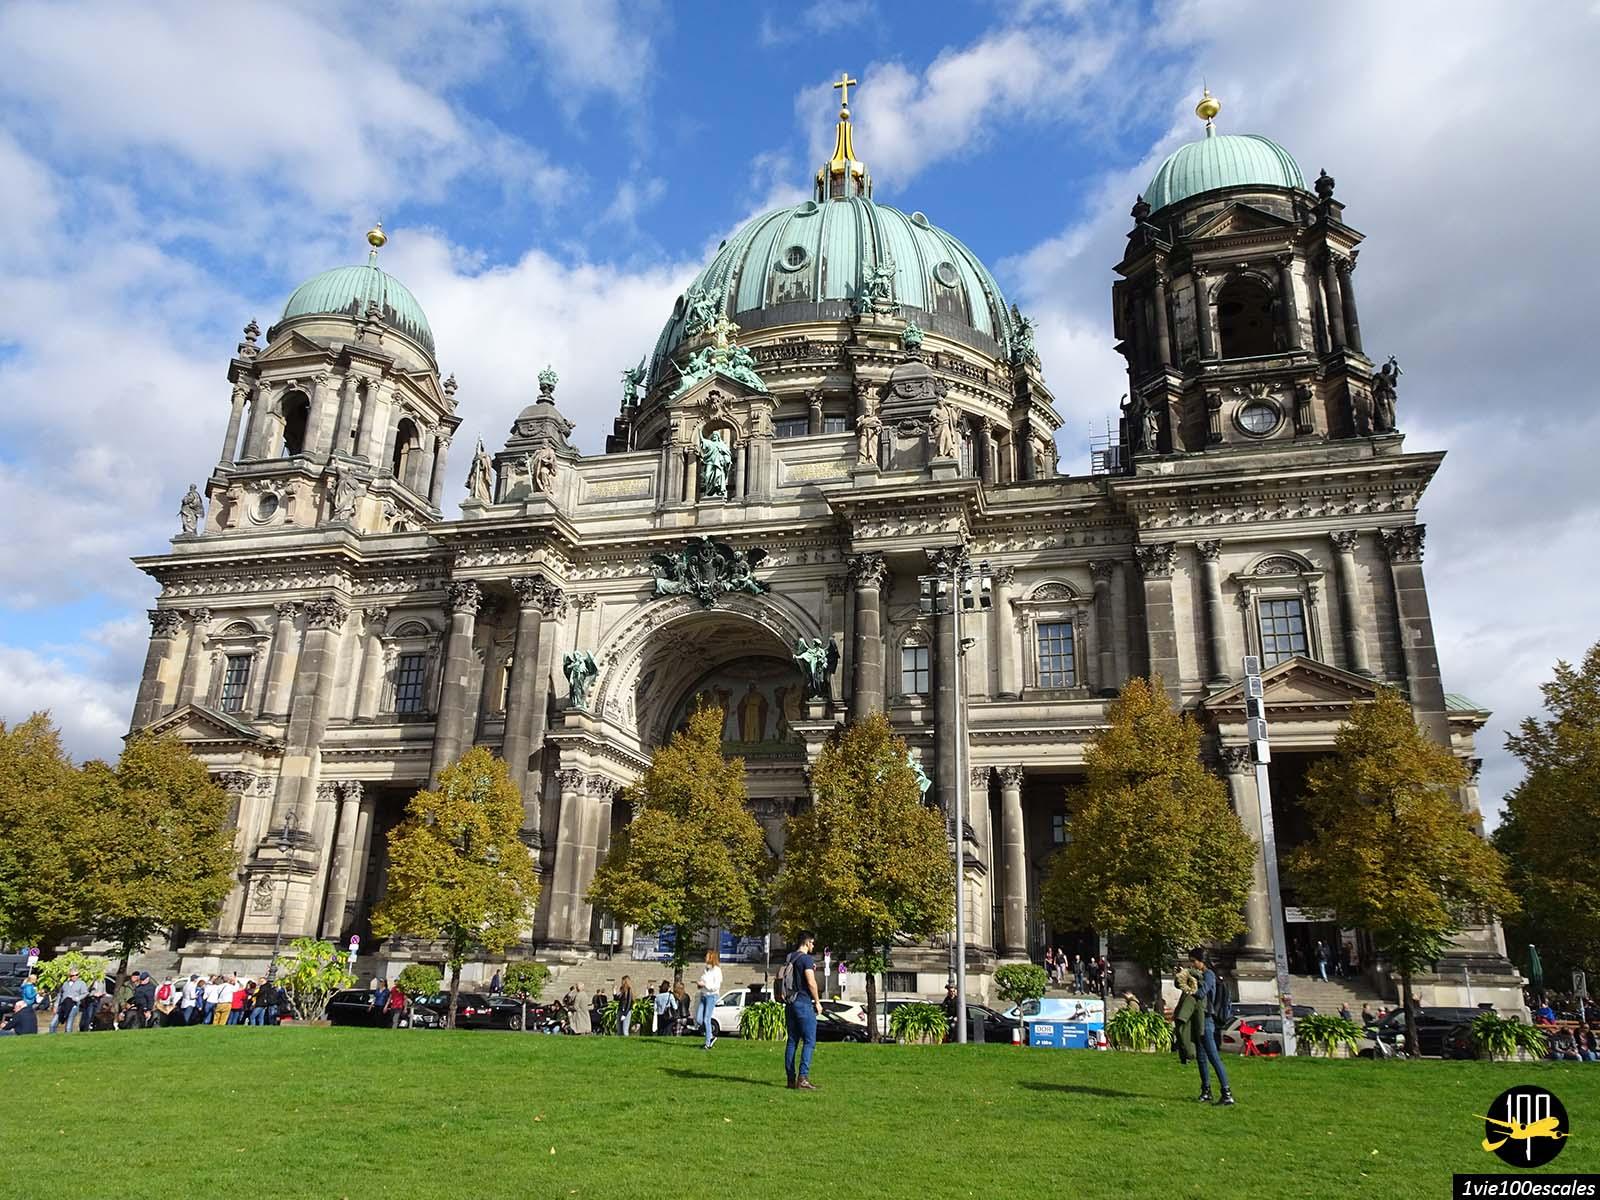 L'incroyable architecture du Berliner Dom de Berlin